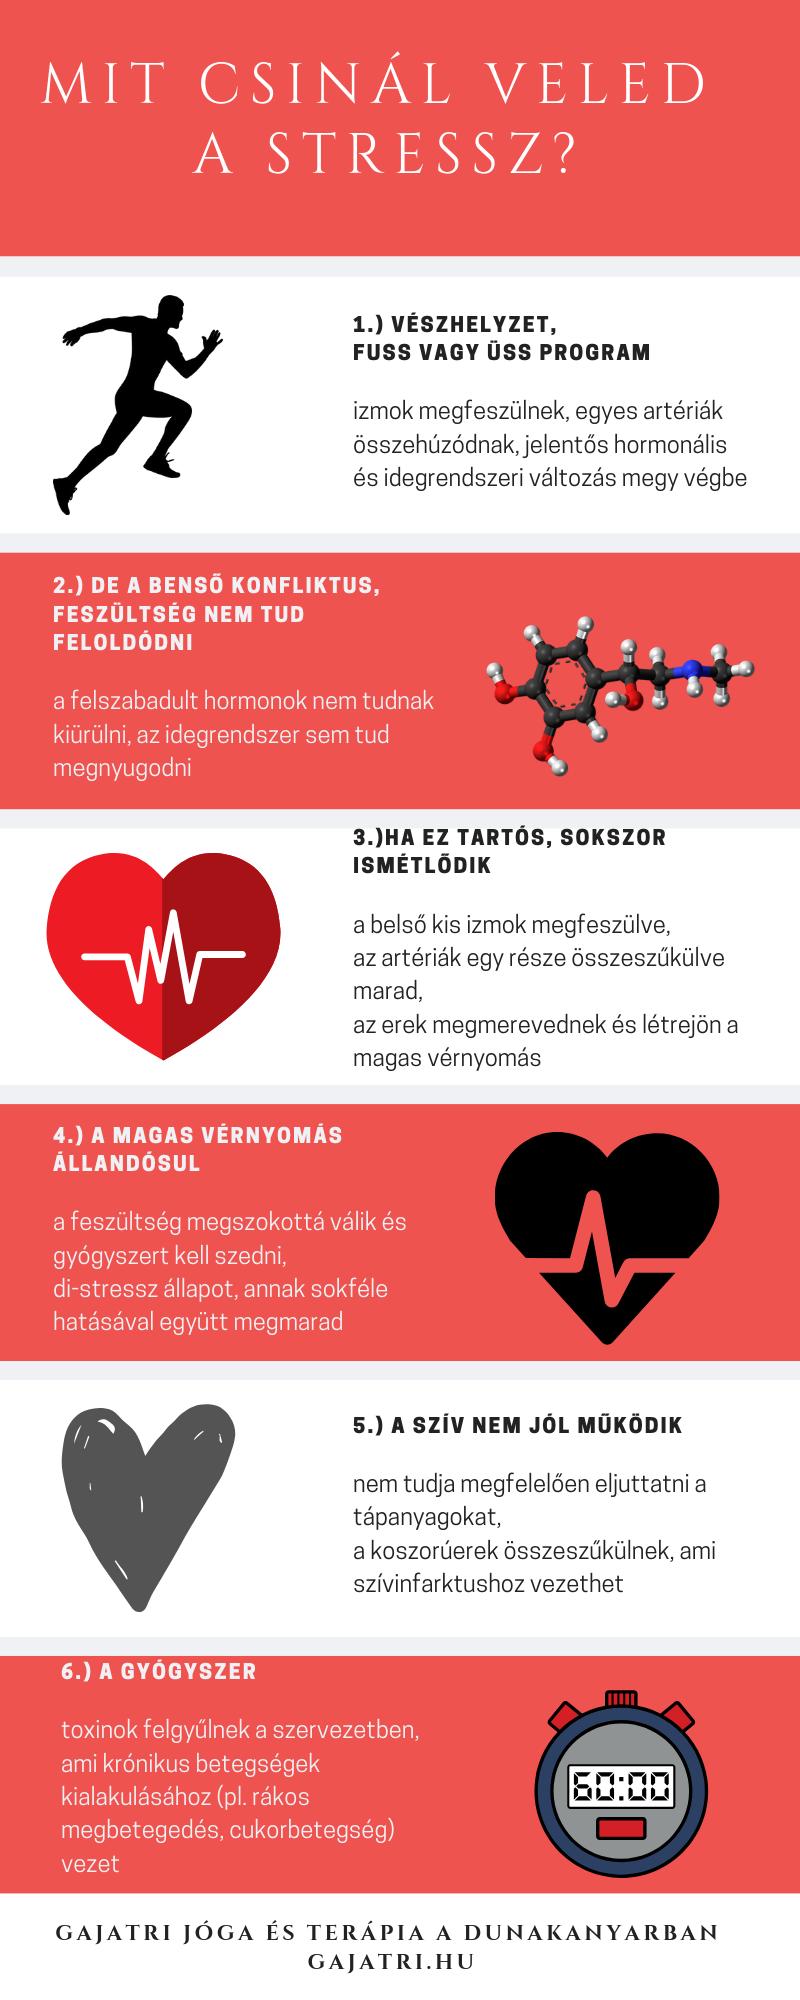 magas vérnyomásból származó leuzea magas vérnyomással fejfájással